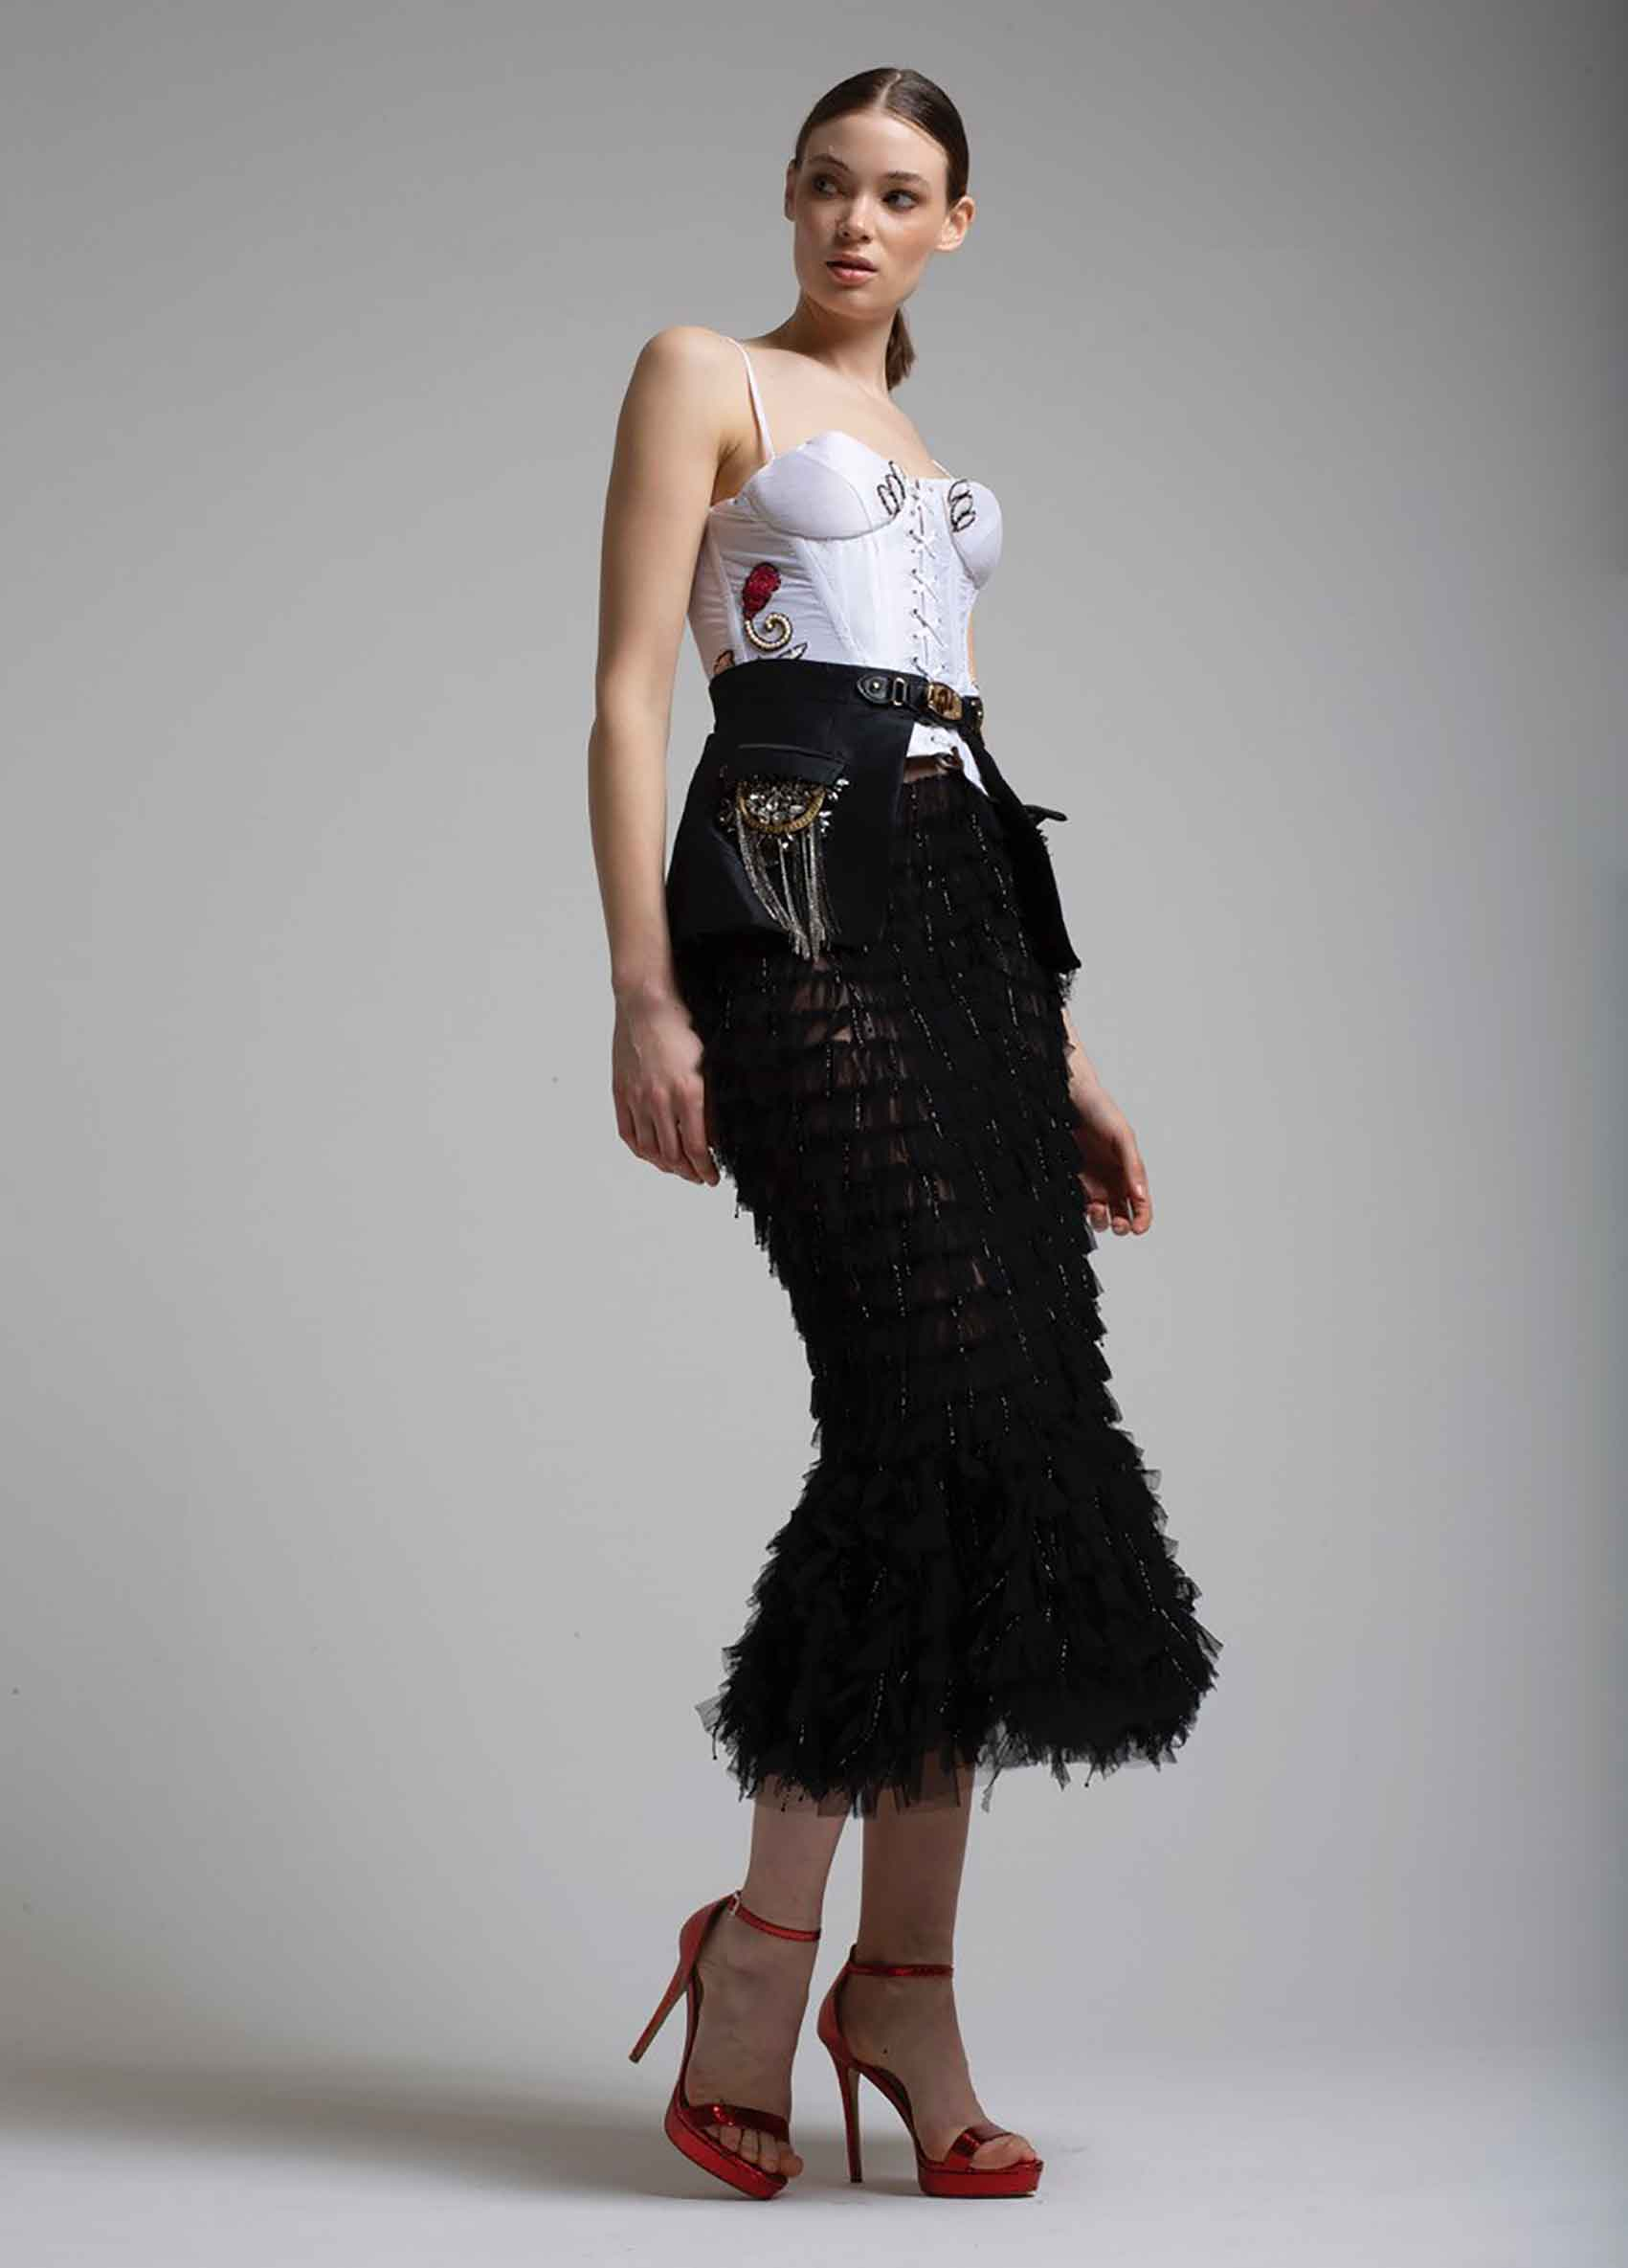 אופנה-חדשות-האופנה-MonaLizabeth